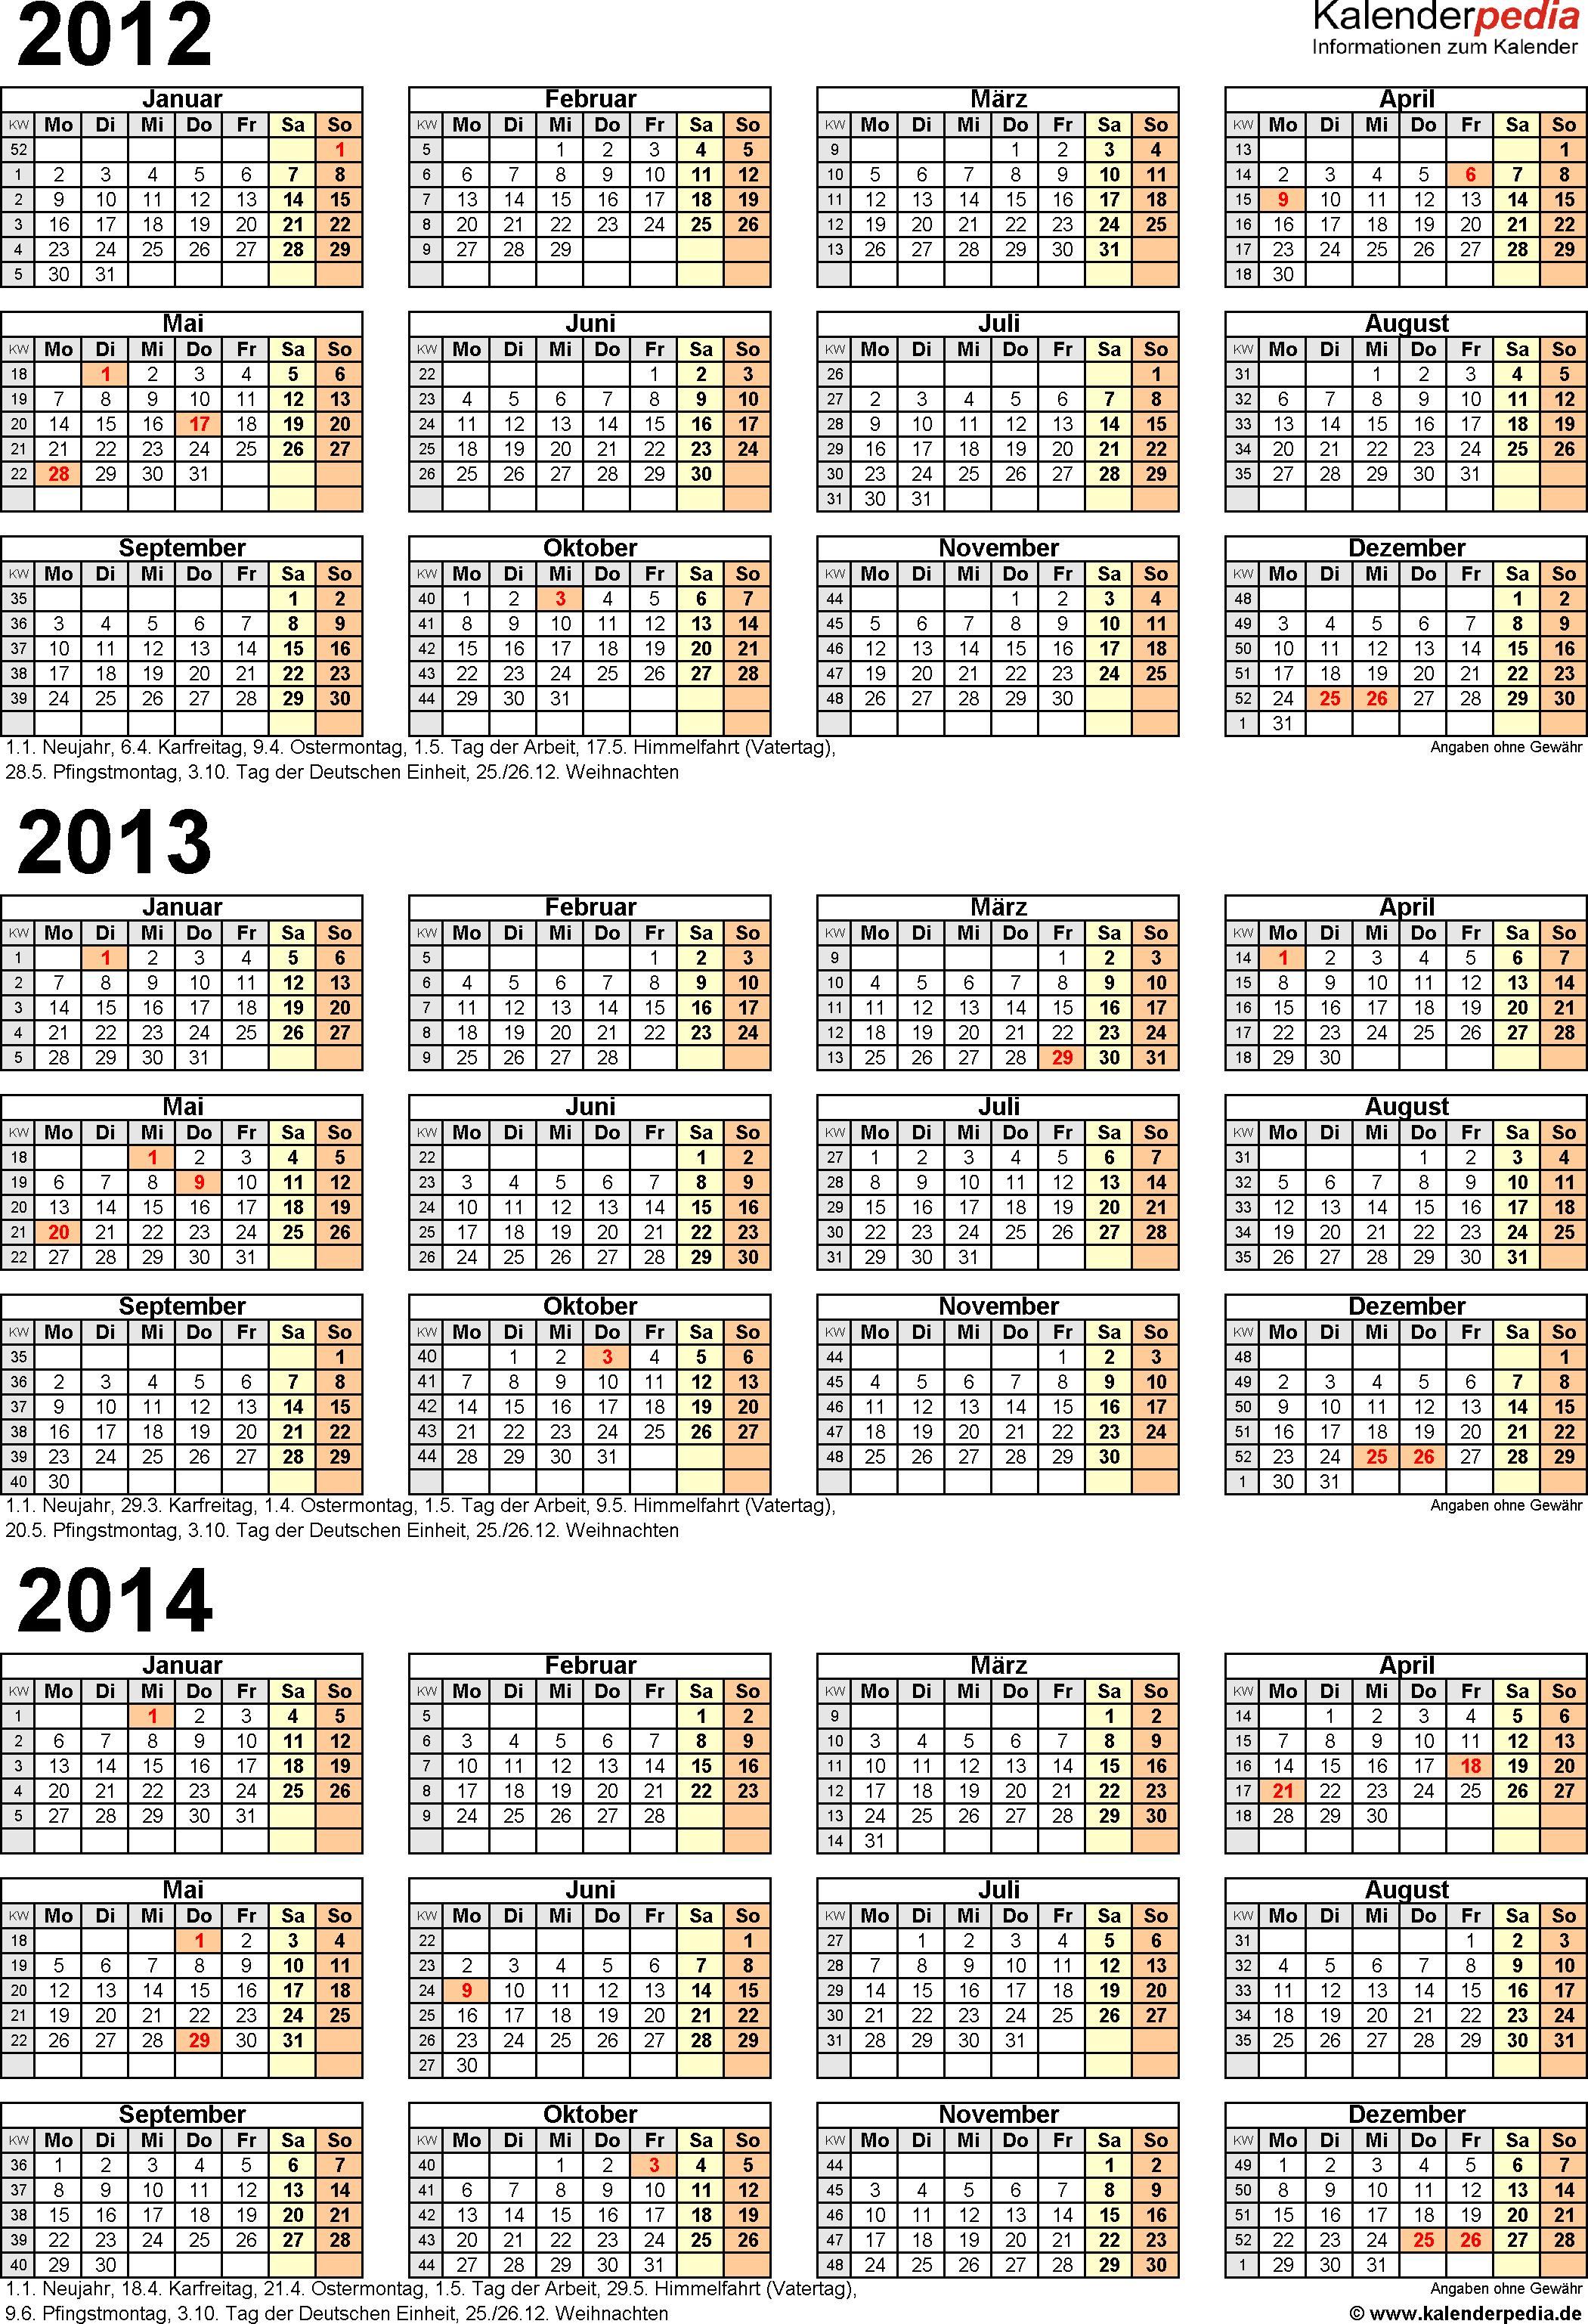 Excel-Vorlage für Dreijahreskalender 2012-2014 (Hochformat, 1 Seite)